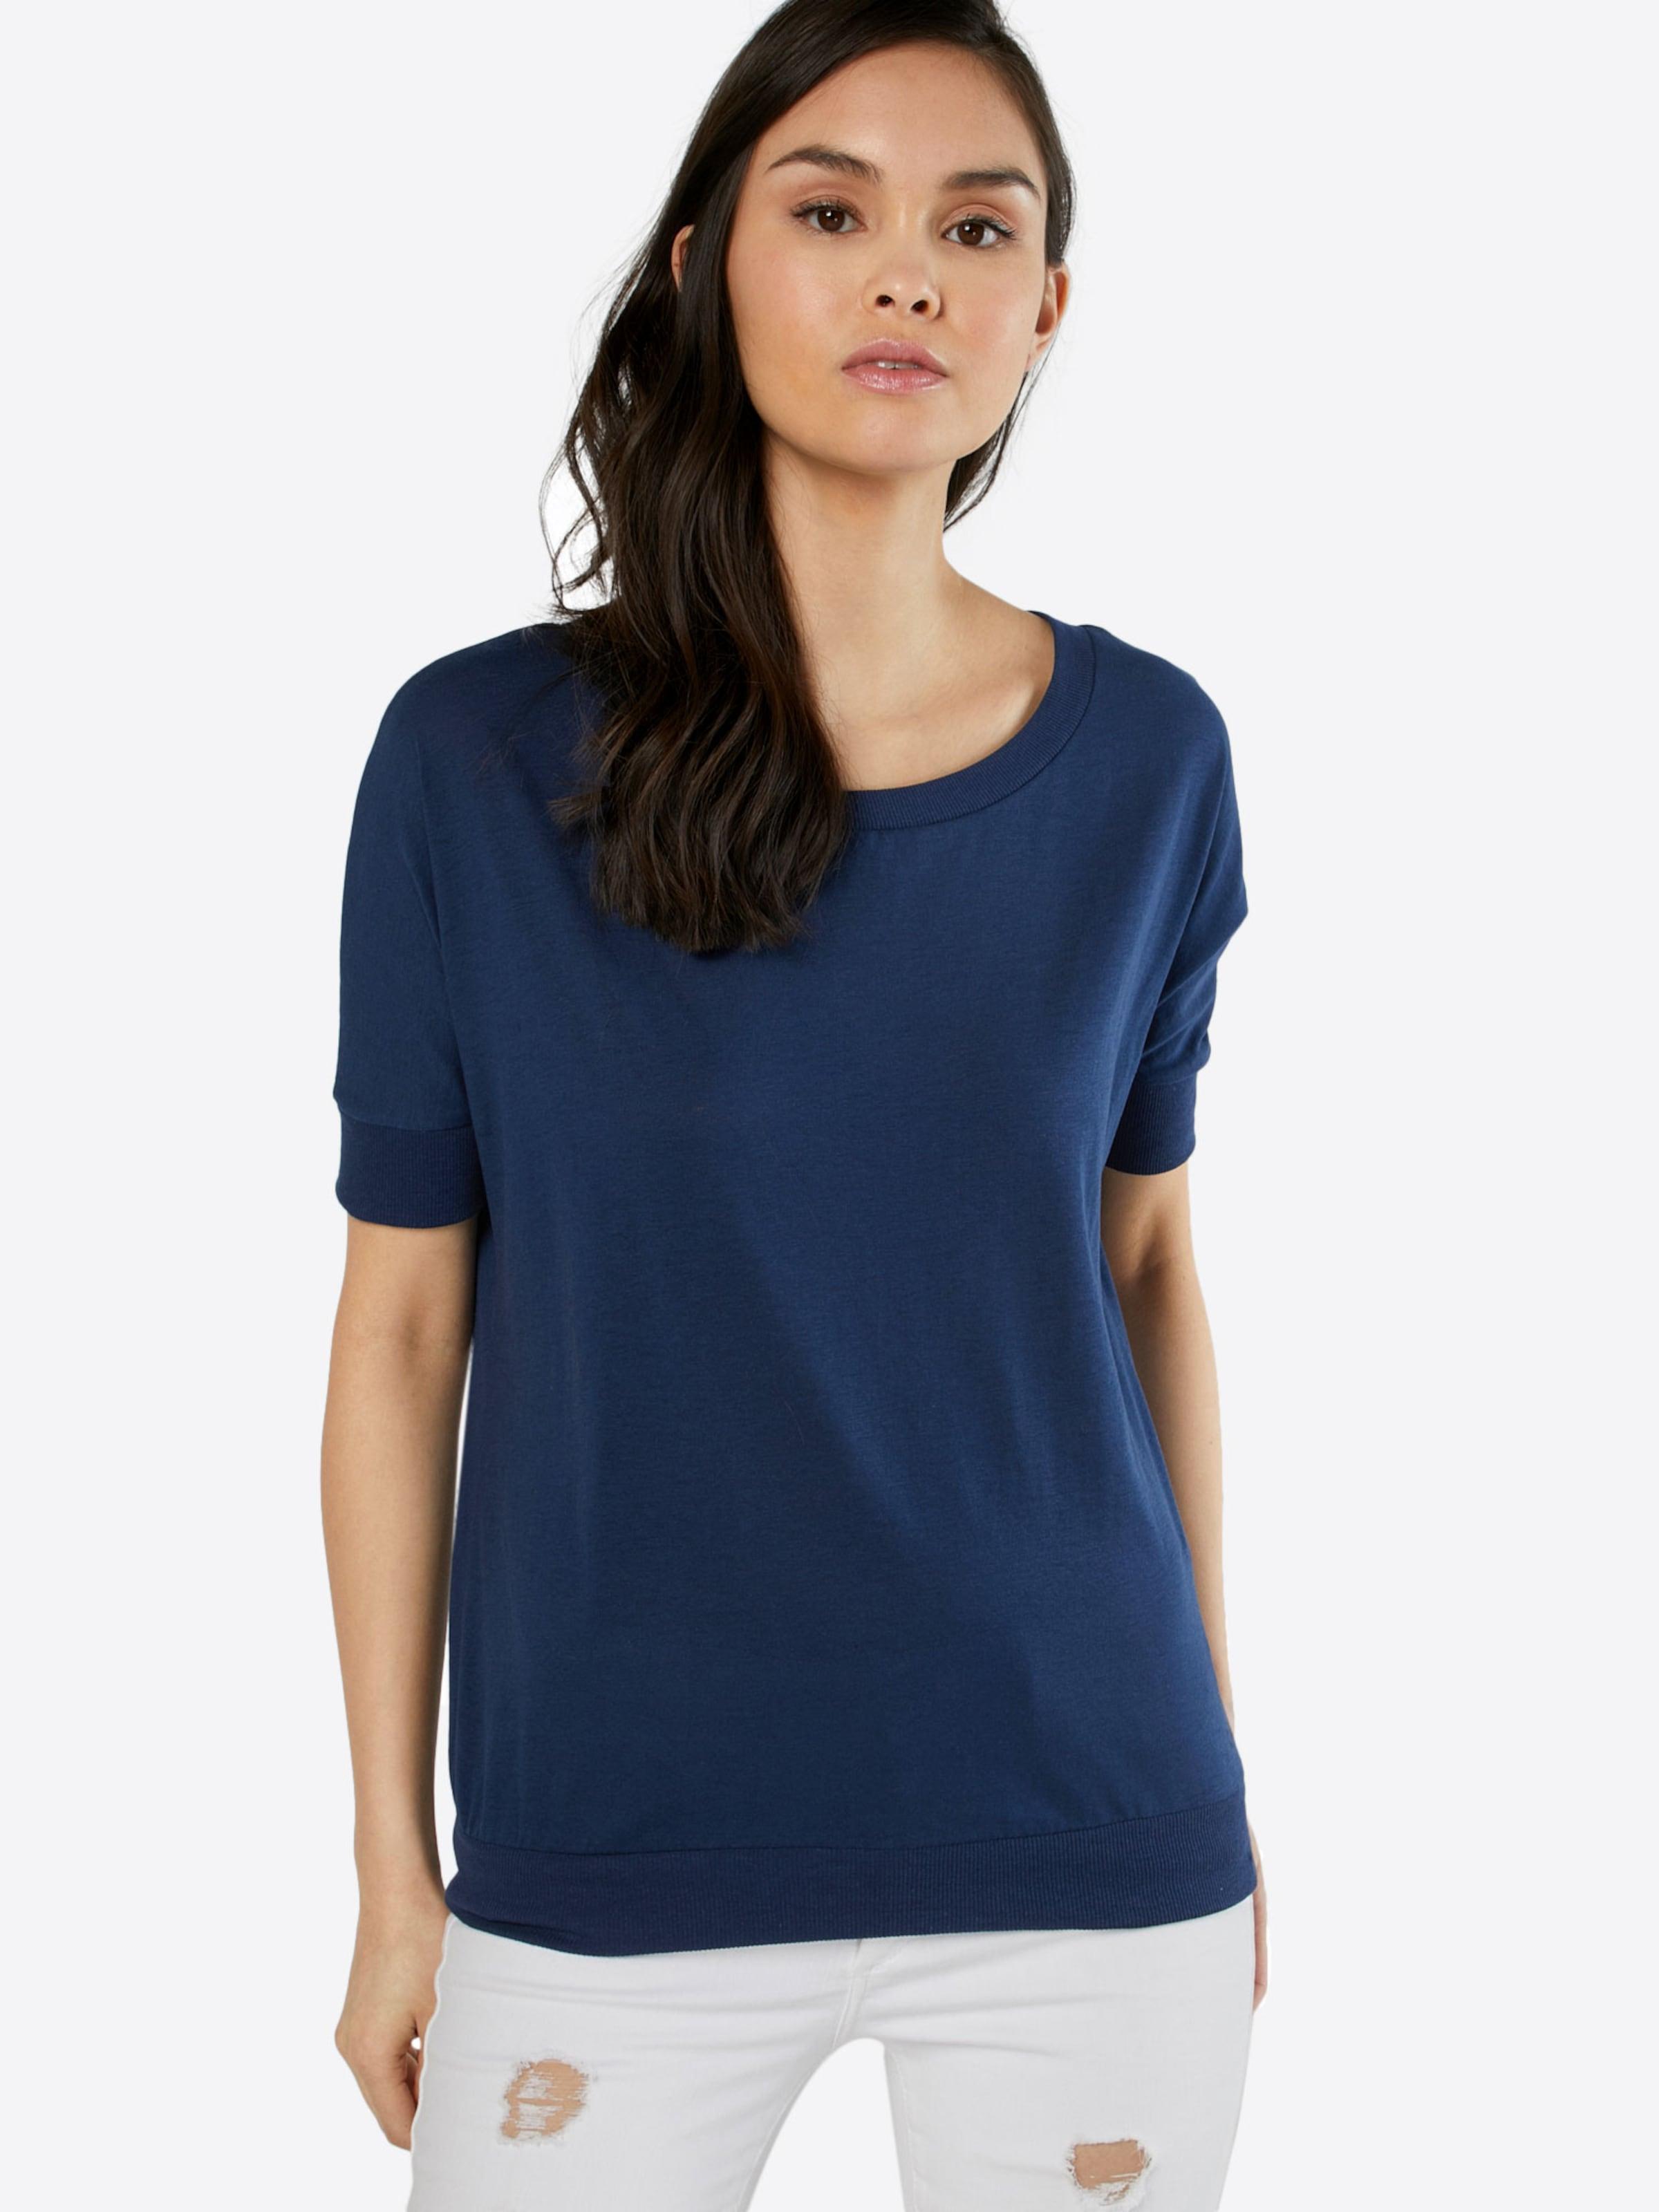 Neuester Günstiger Preis s.Oliver Denim V-Shape-Shirt mit Bündchen Billig Verkauf Genießen Echte Online kAkFgox